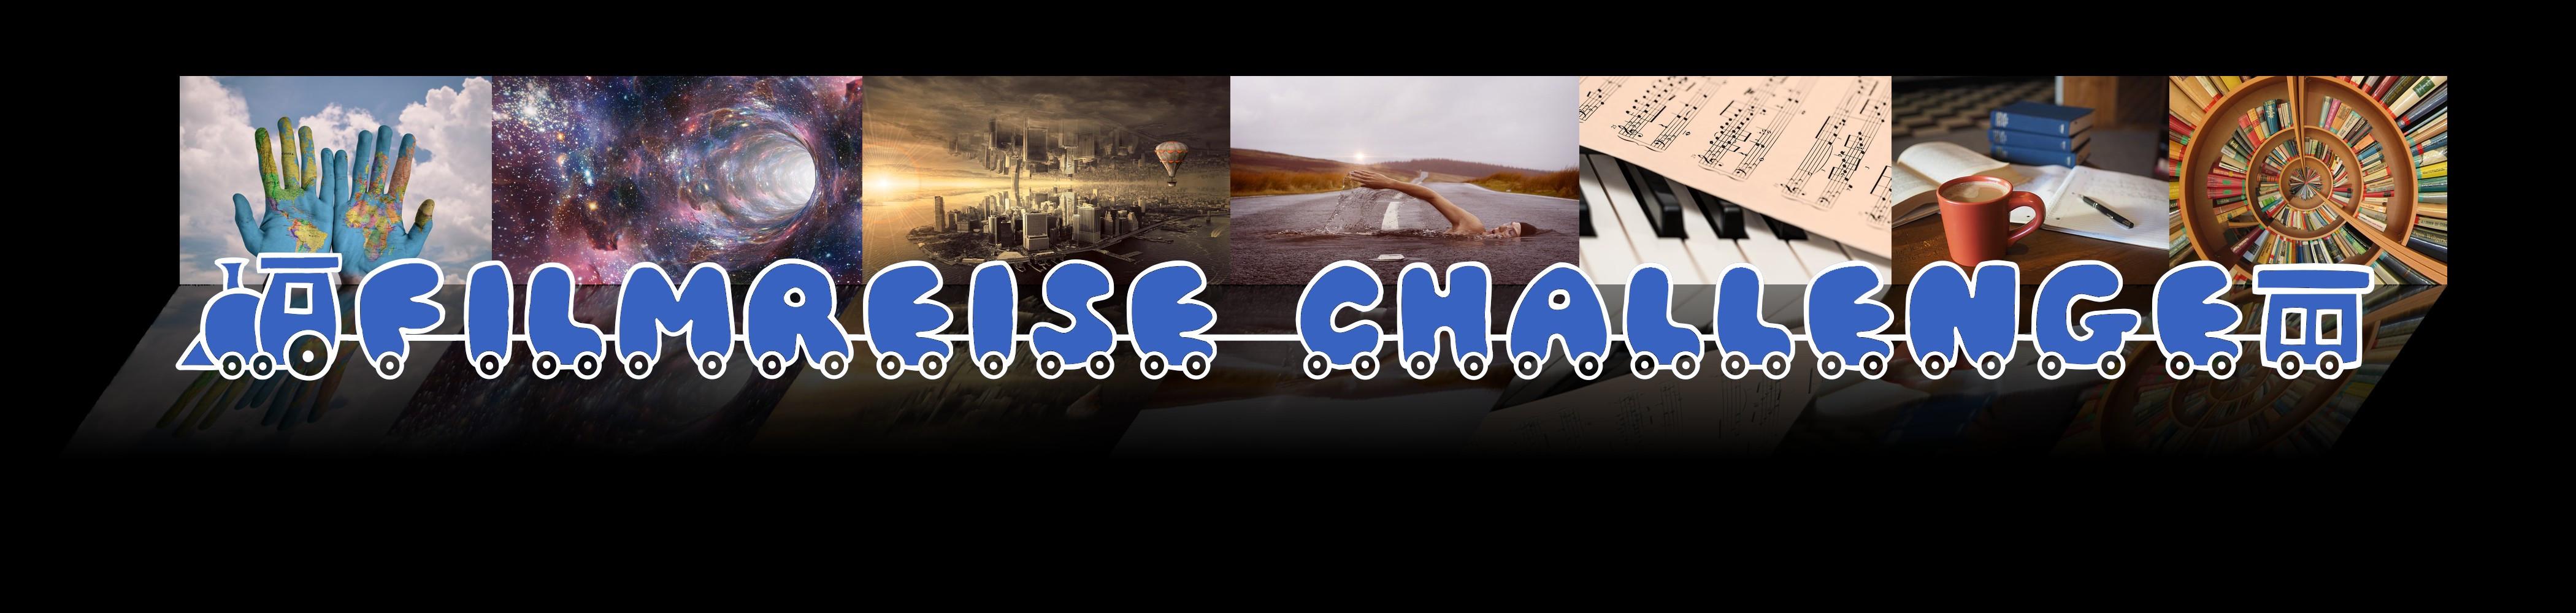 filmreise-banner1